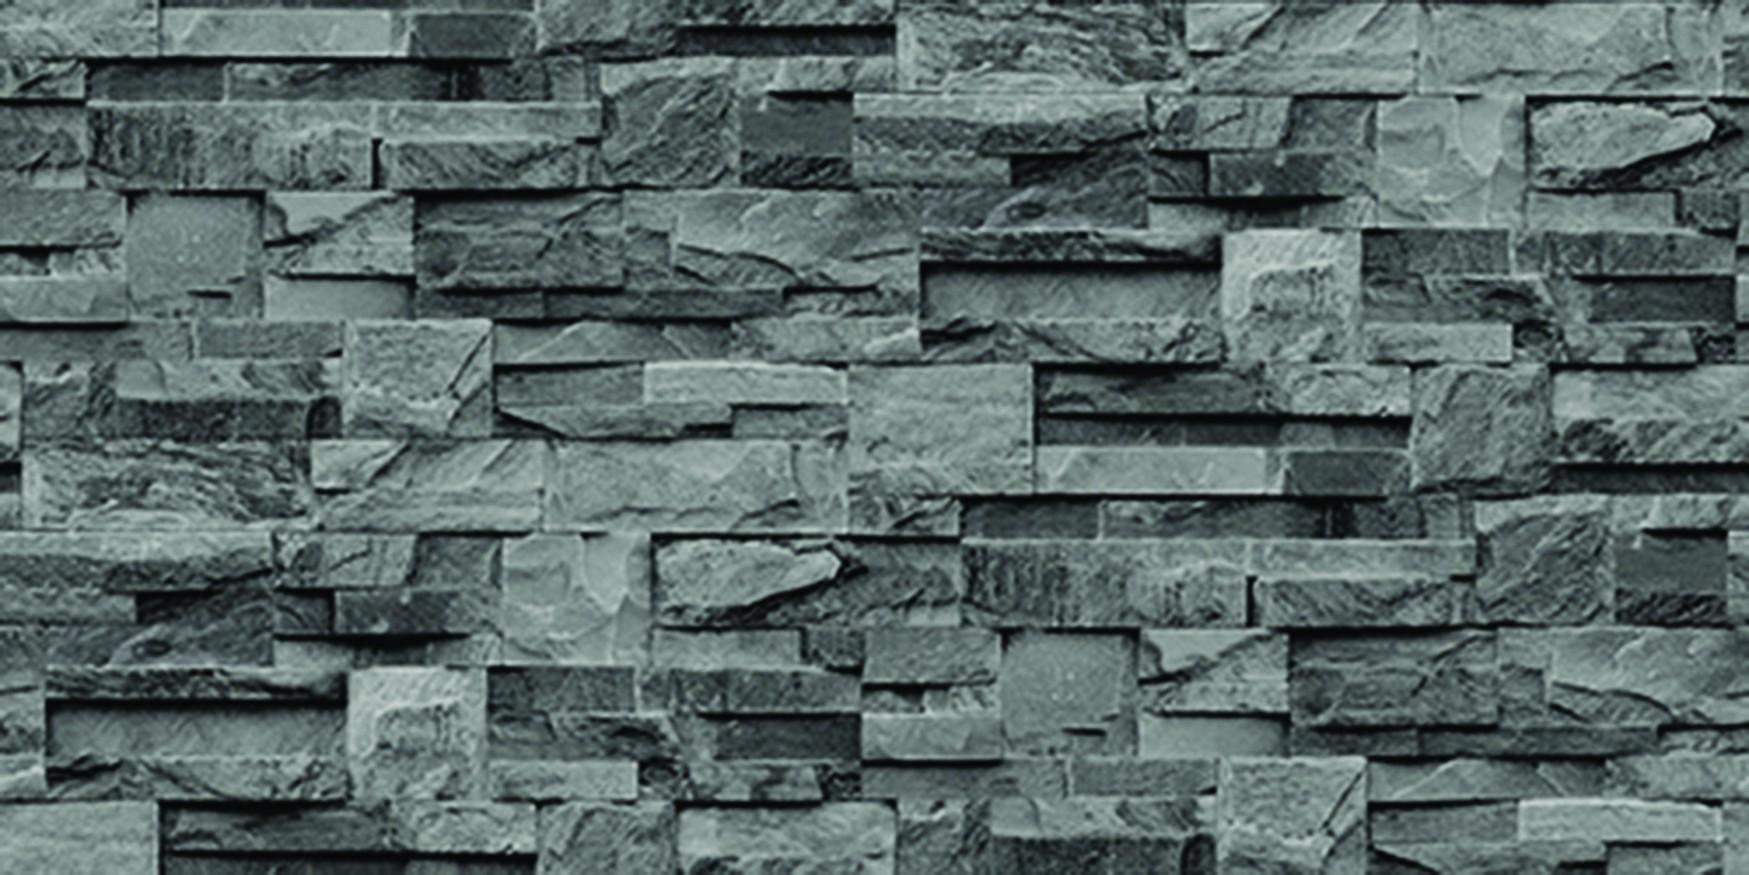 Tapety na zeď Vavex J274-09 | 0,53 x 10,05 m (Vinylová tapeta šedo-černá)